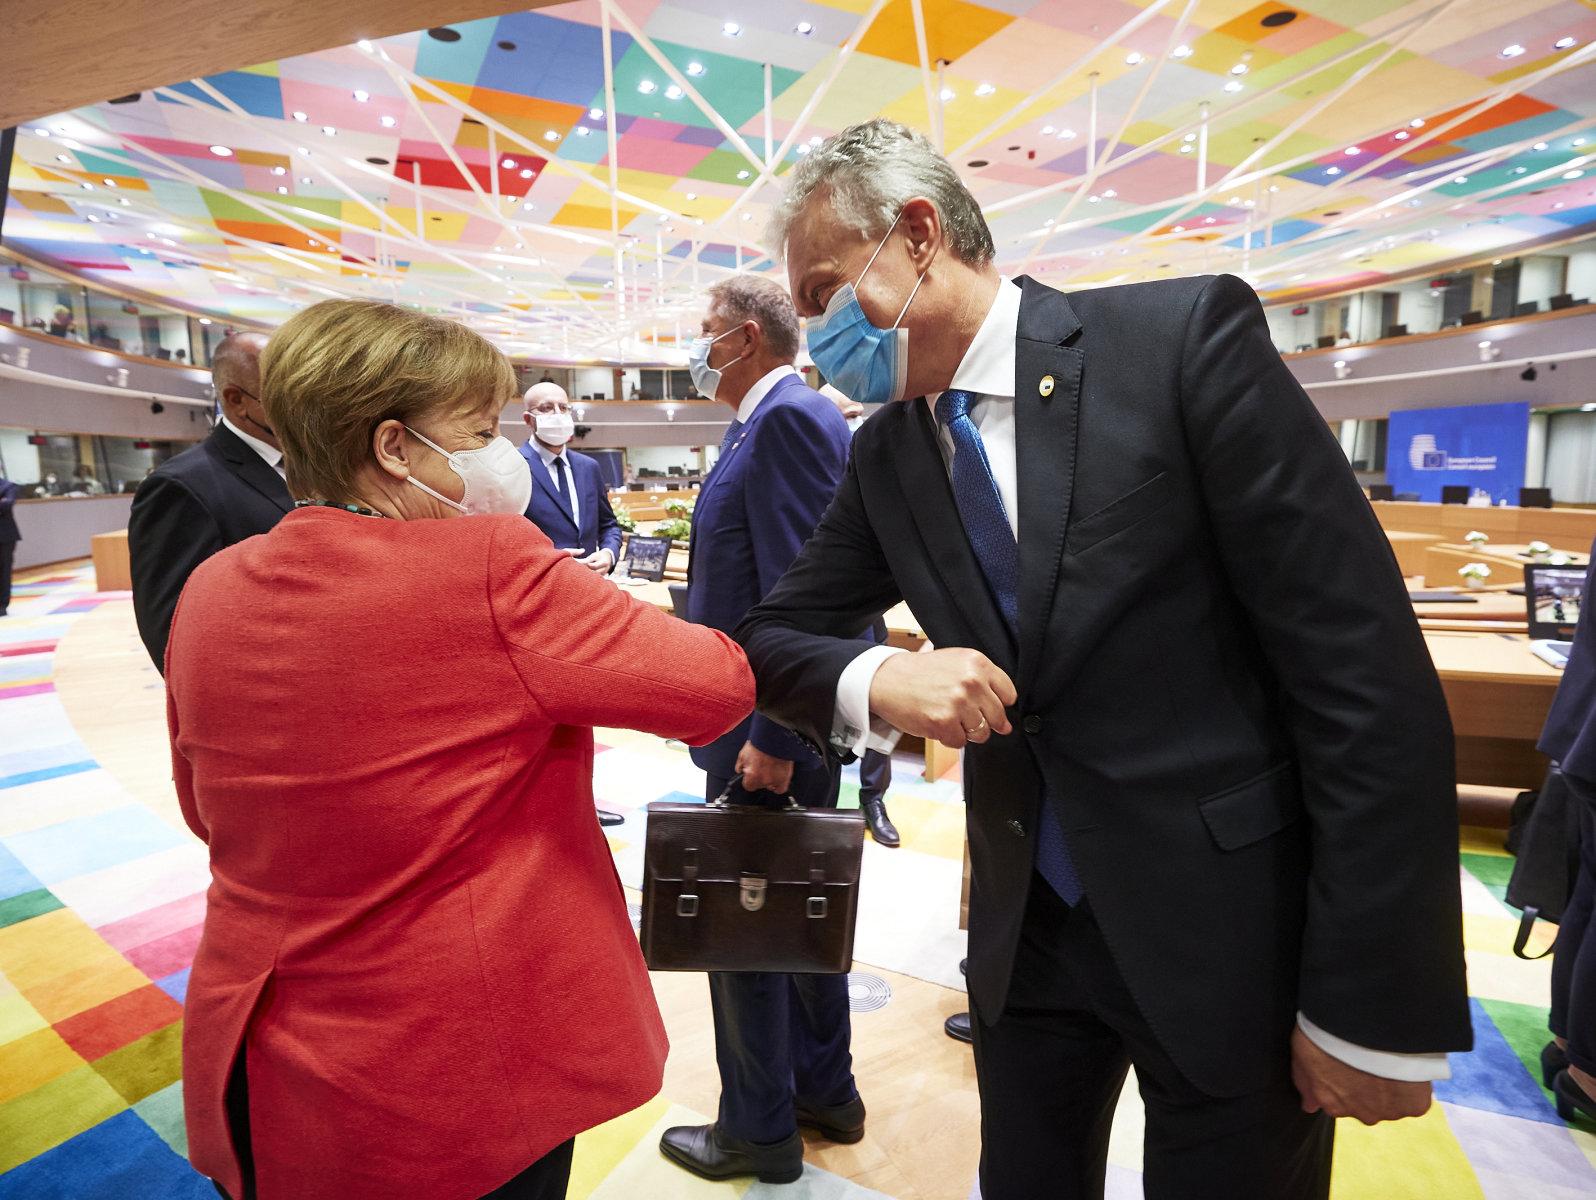 Lietuvos Prezidentas kviečia Europos lyderius vieningai kovoti su istoriniu revizionizmu   lrp.lt nuotr.